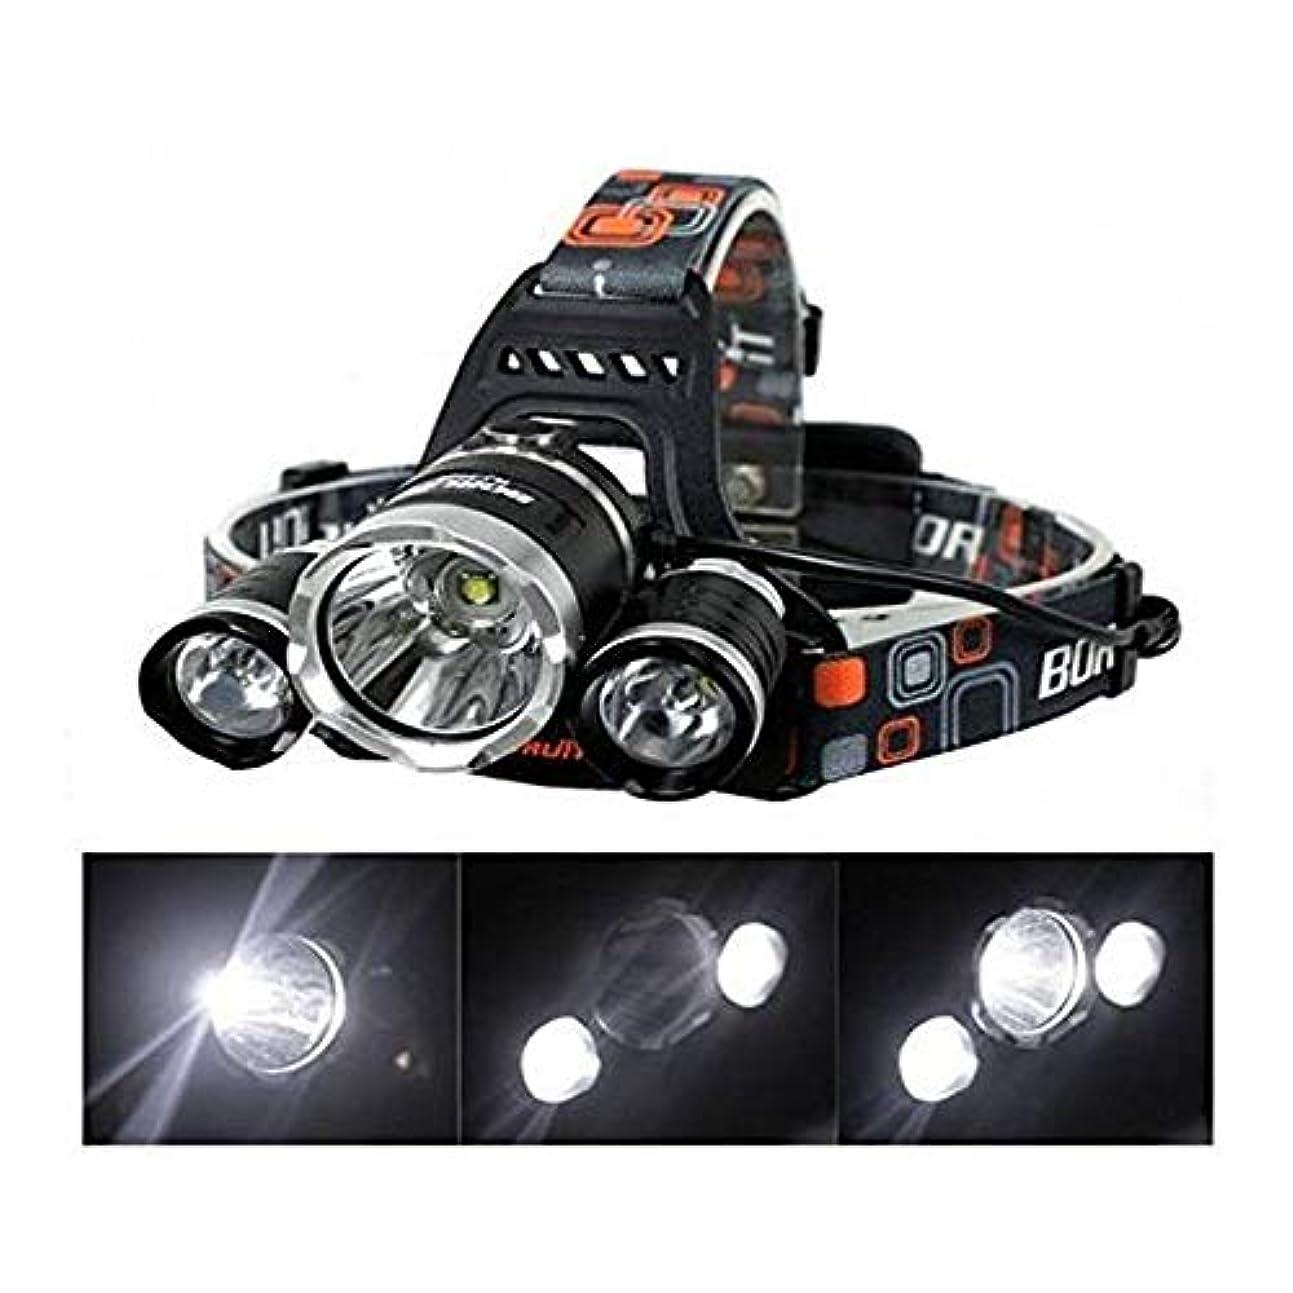 毒液分注するエクスタシーMR ヘッドライト LEDライト アウトドア キャンプ 多機能 防水超強力 5000LM 4点灯モード 登山 夜釣り MR-CYUBEREI